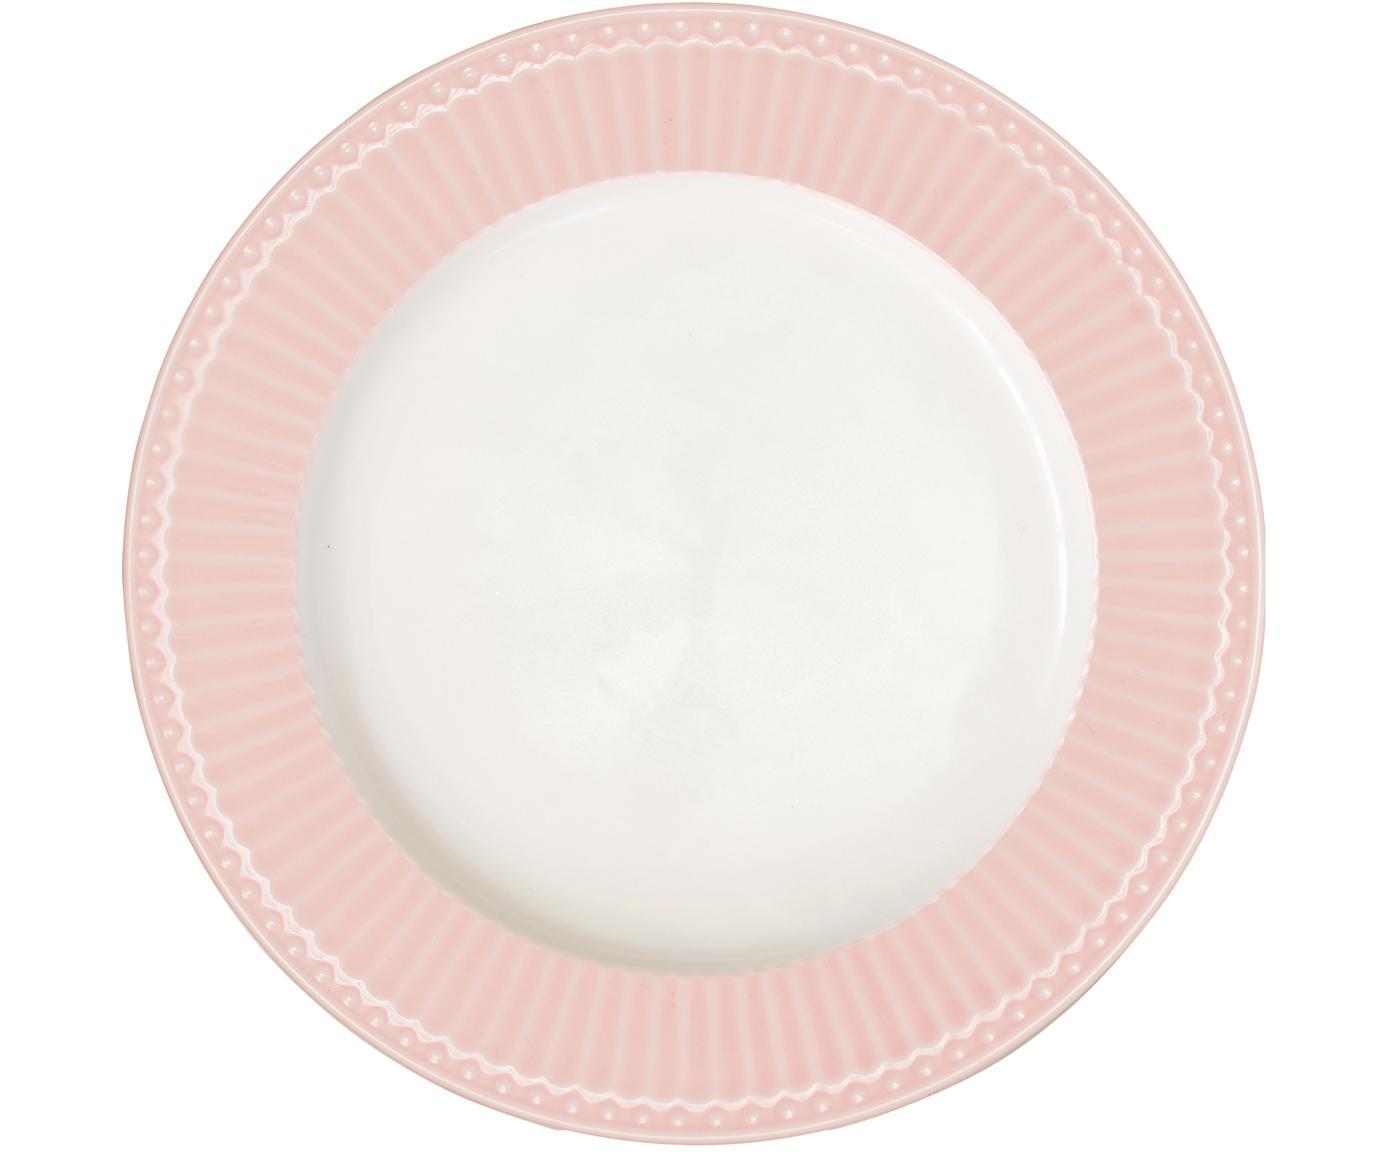 Speiseteller Alice in Rosa mit Reliefdesign, 2 Stück, Porzellan, Rosa, Weiß, Ø 27 cm